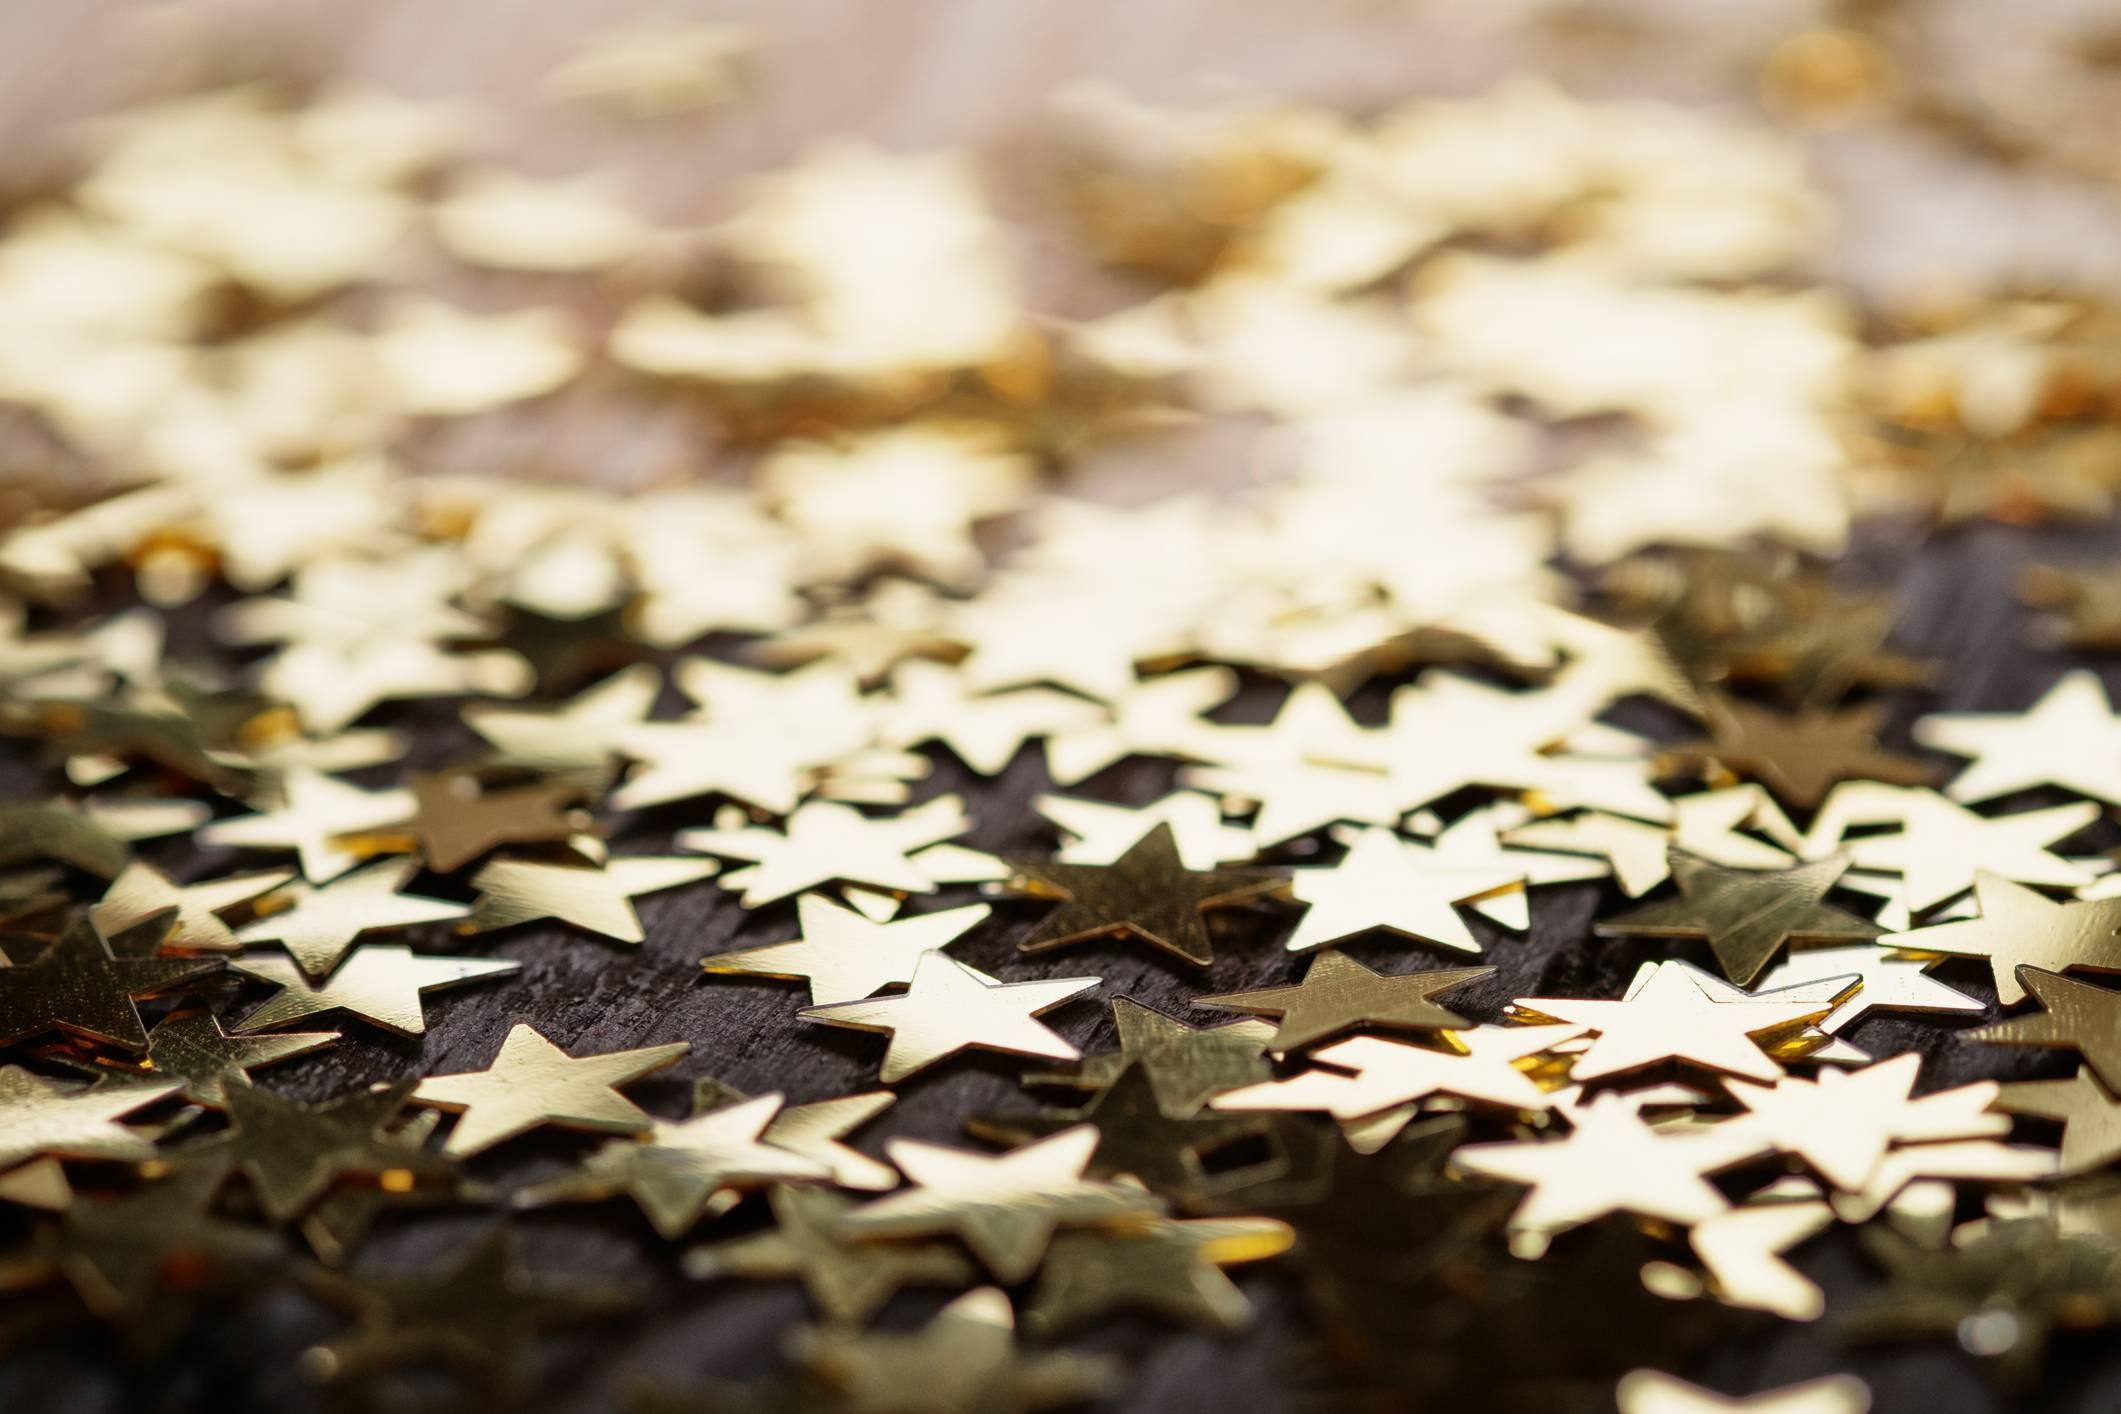 Golden stars on wood